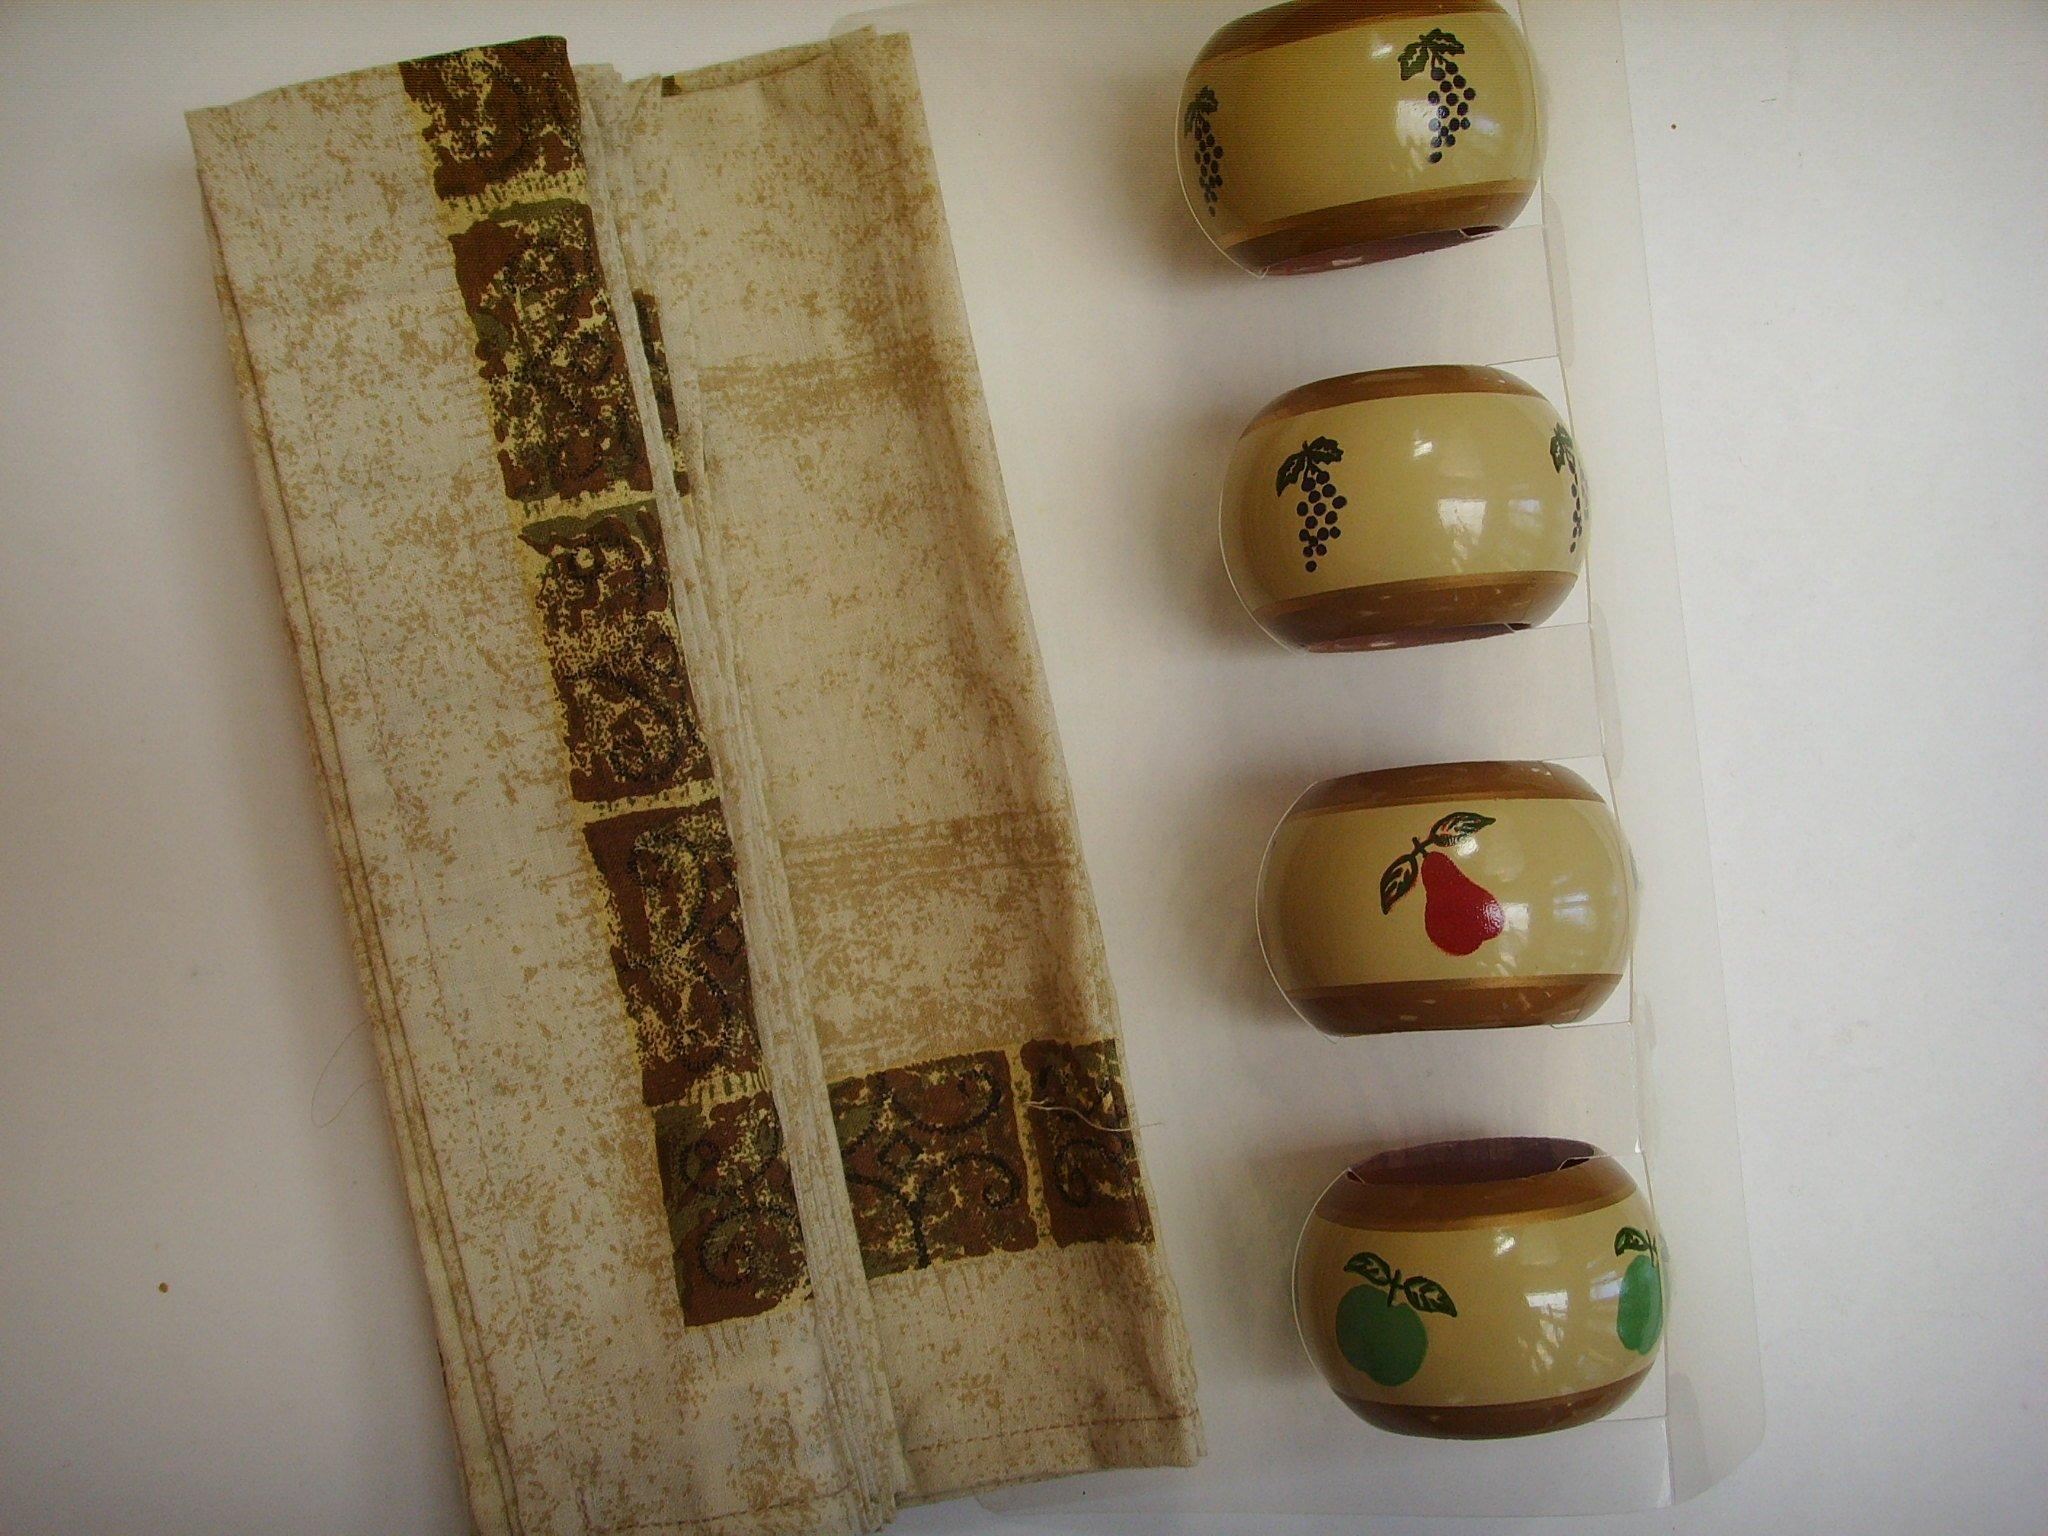 Pimpernel Tuscan Pallette Napkins & Napkin Holders - Set of 4 Each